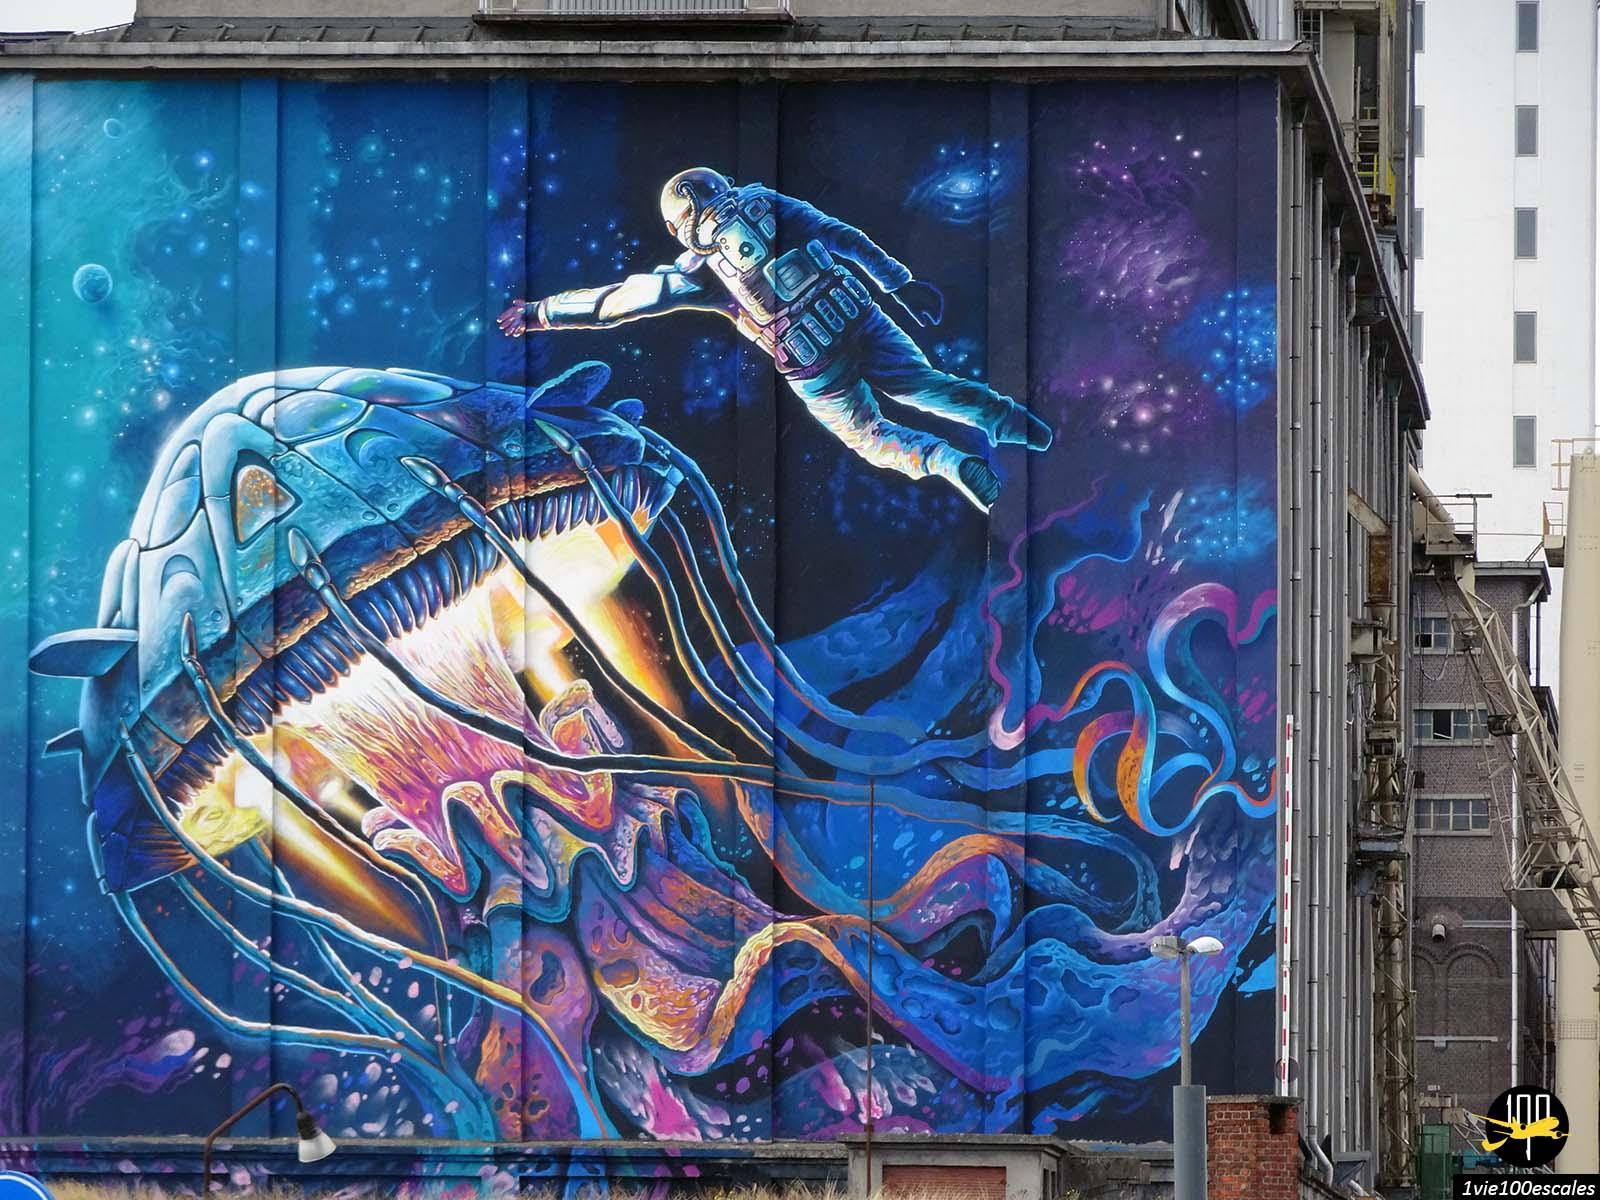 Le street art sur les murs des usines du port d'Anvers